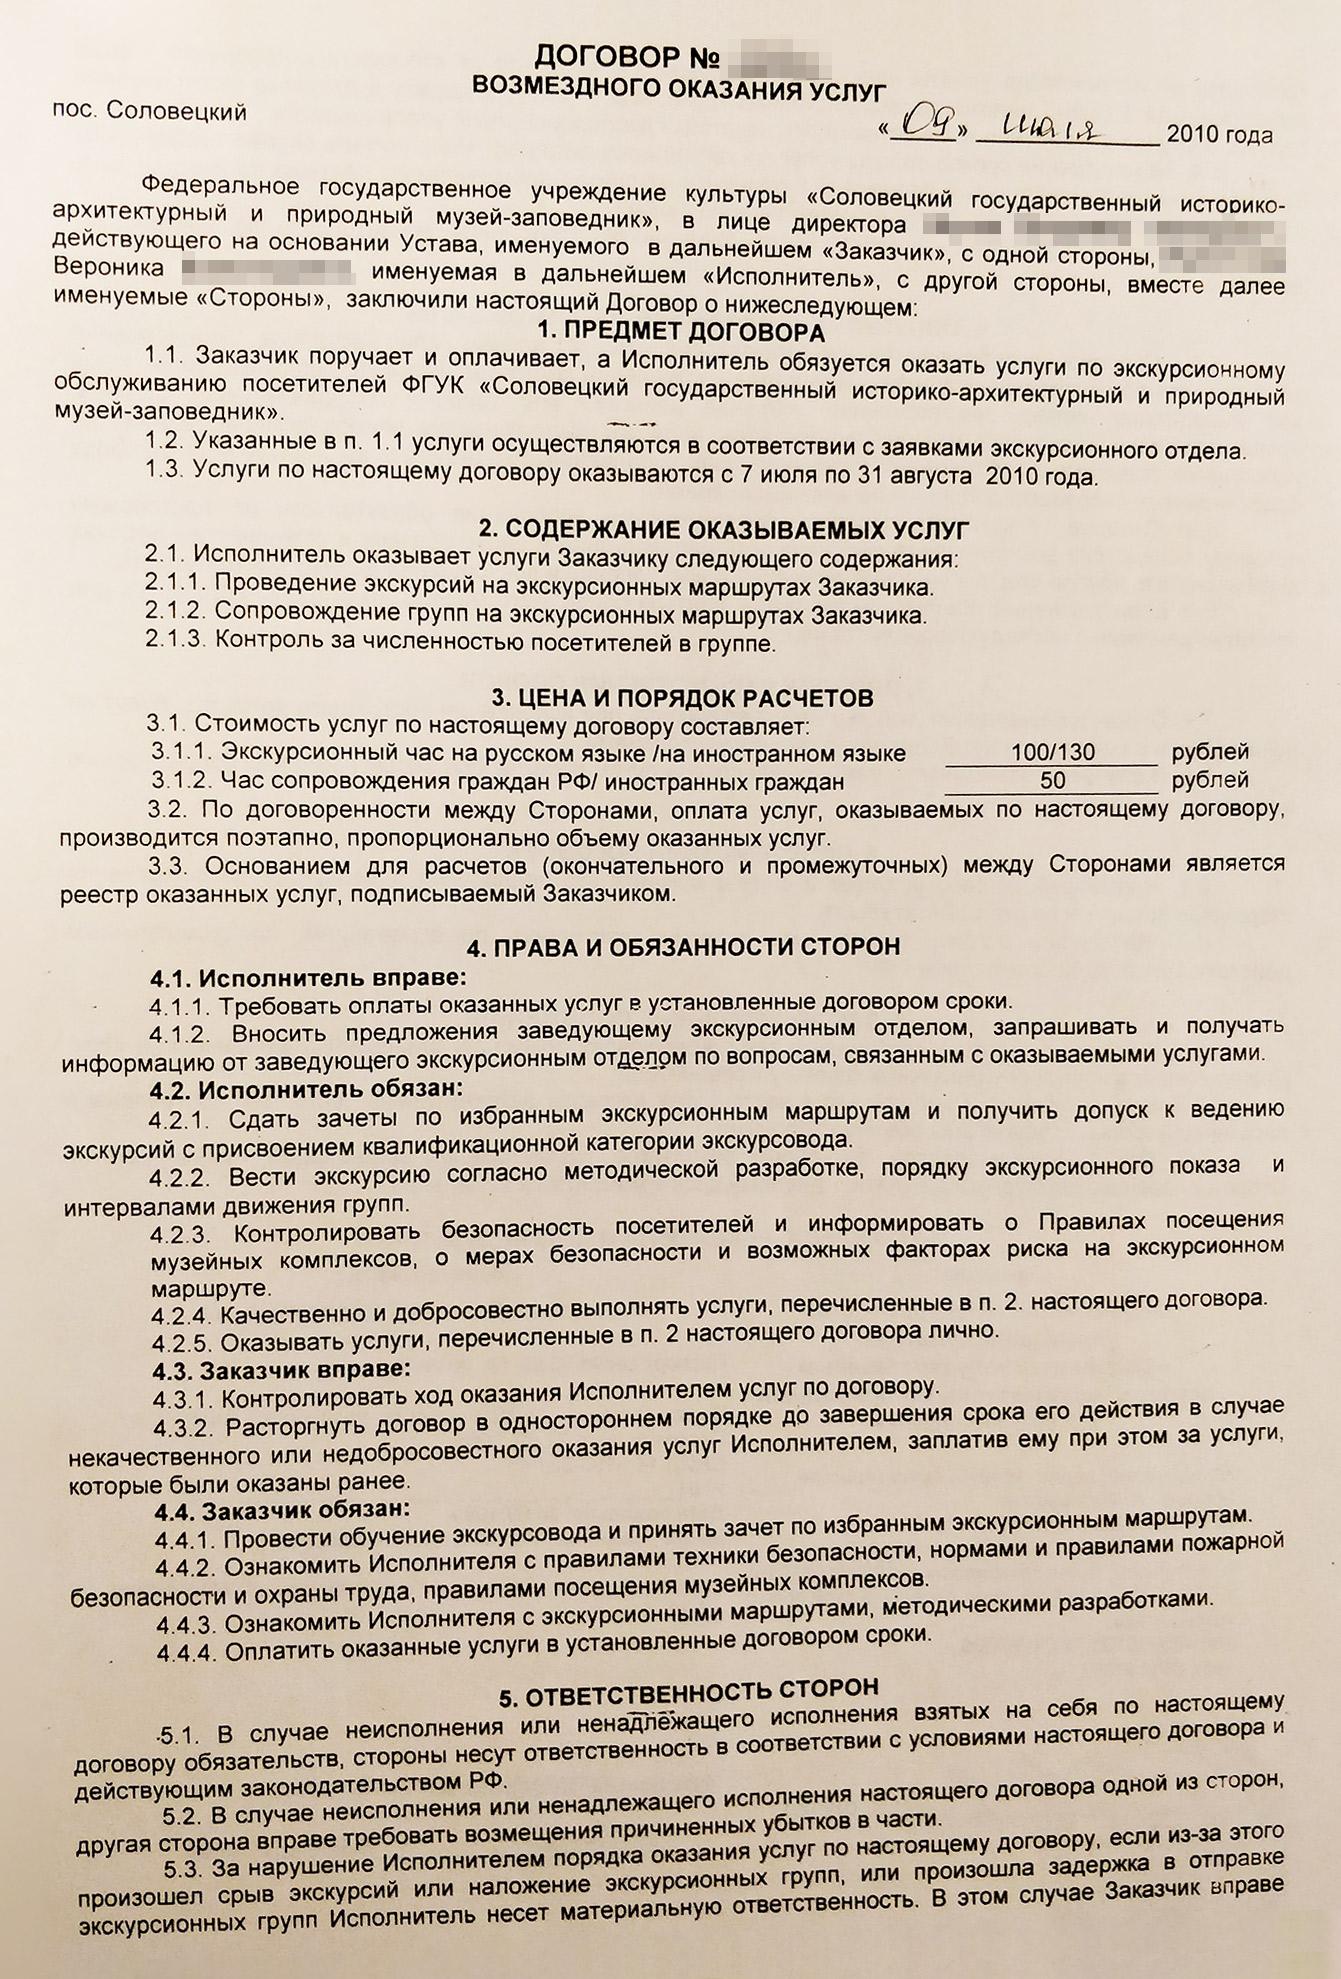 Договор с музеем и экскурсионным бюро